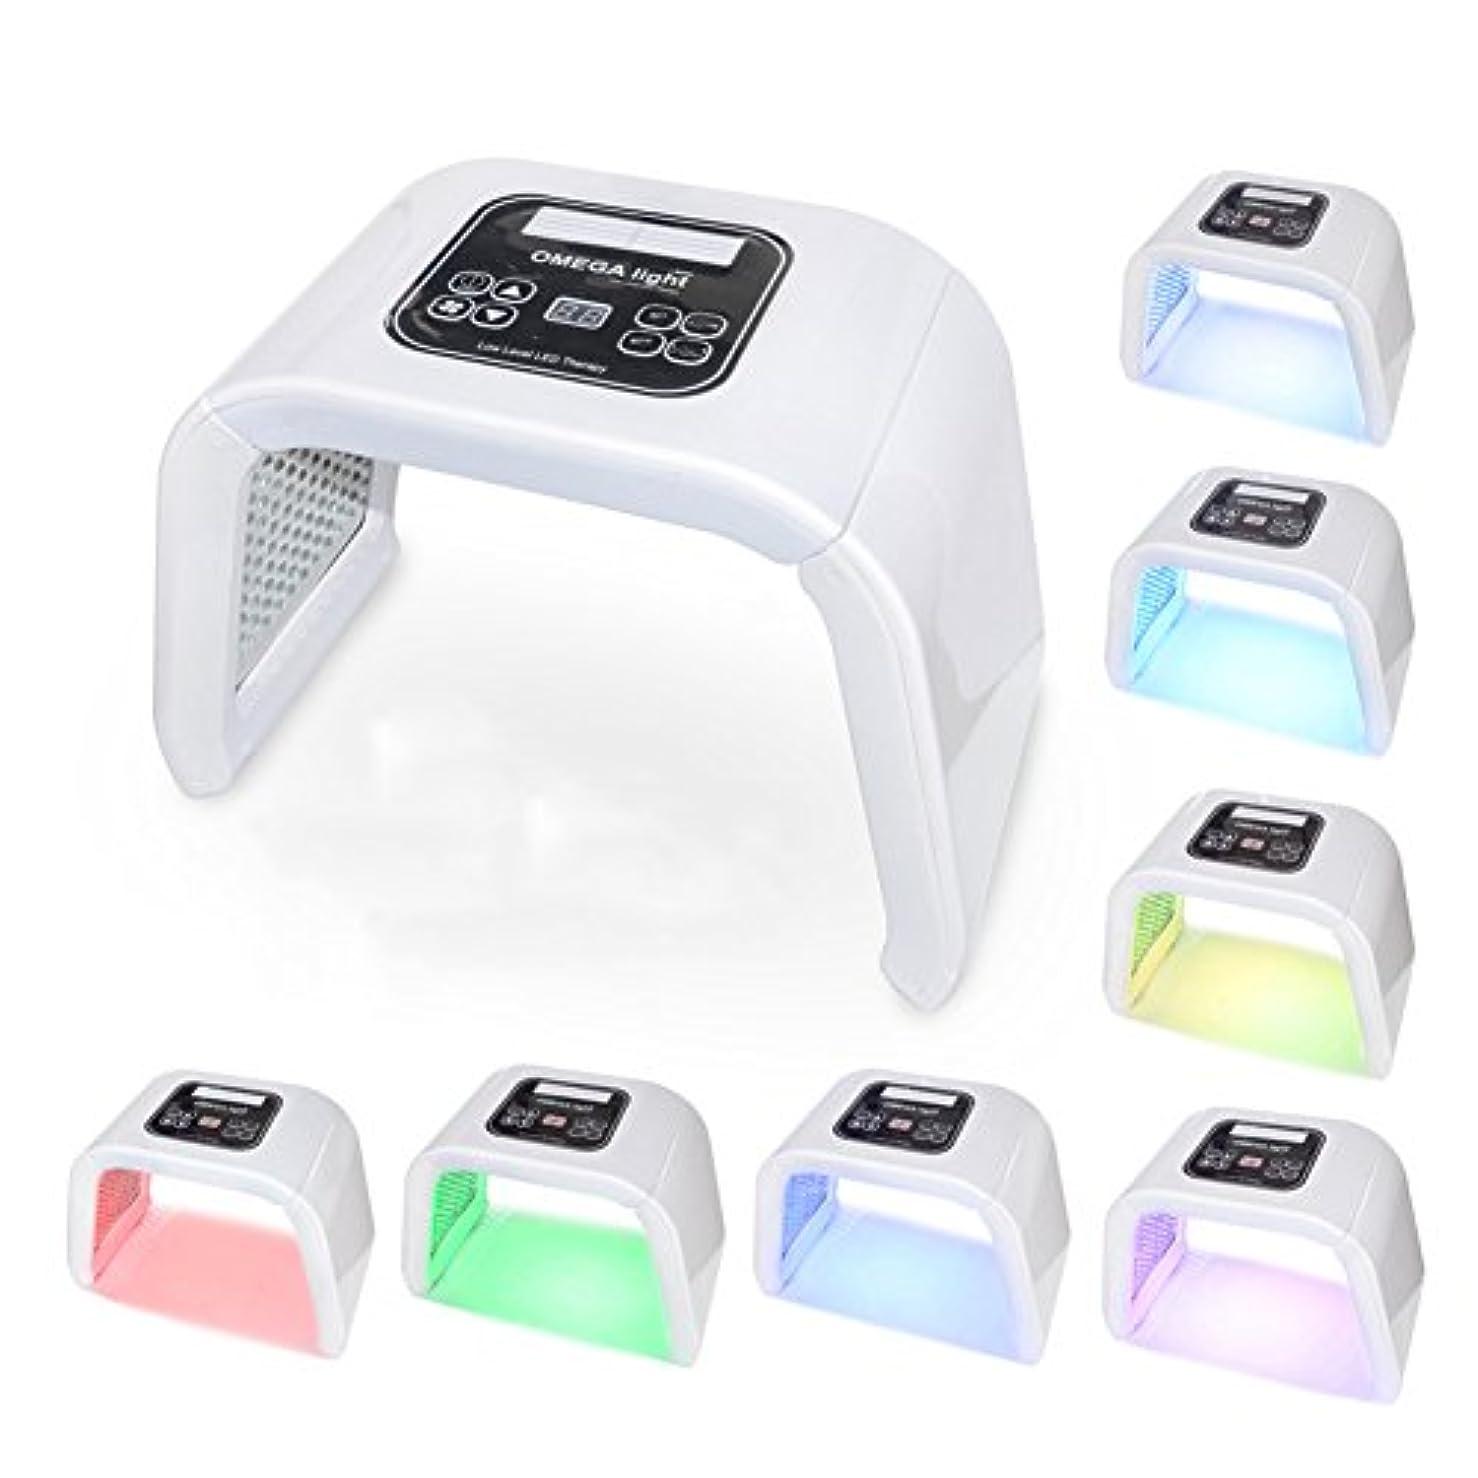 登録するゲスト革命光子治療器7色ライトニキビ美容器具,White